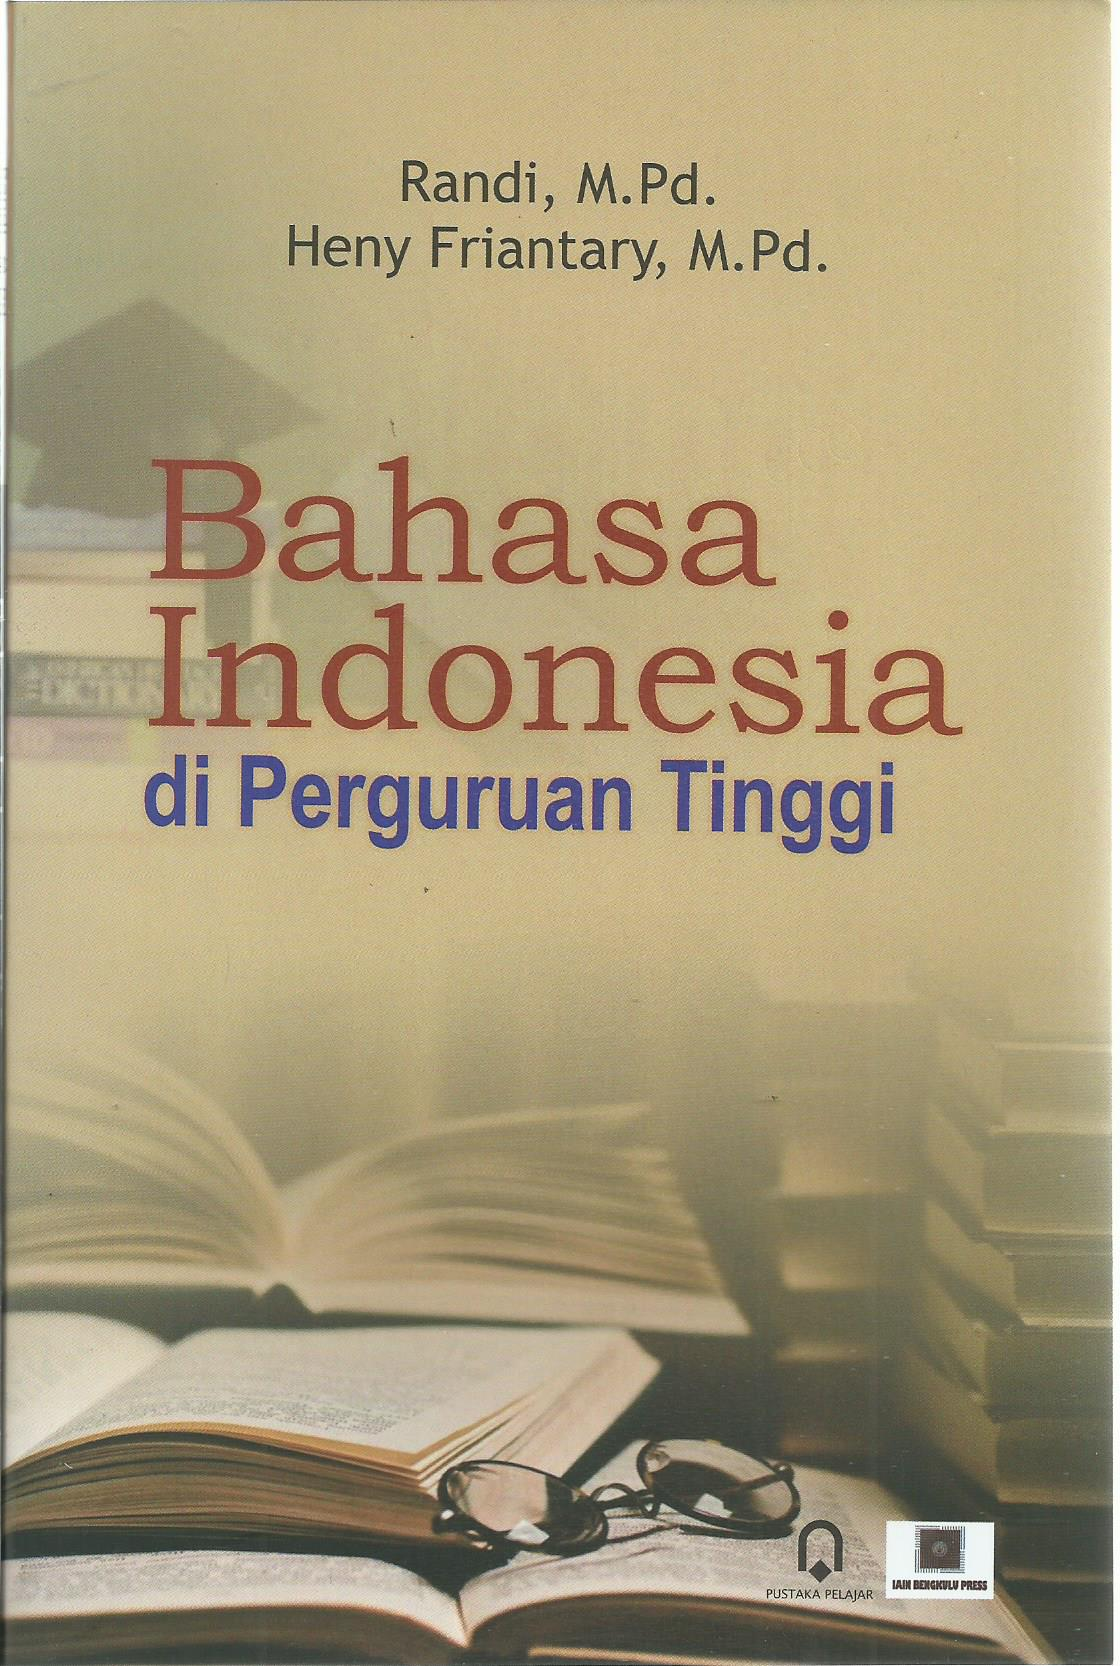 Bahasa Indonesia di Perguruan Tinggi